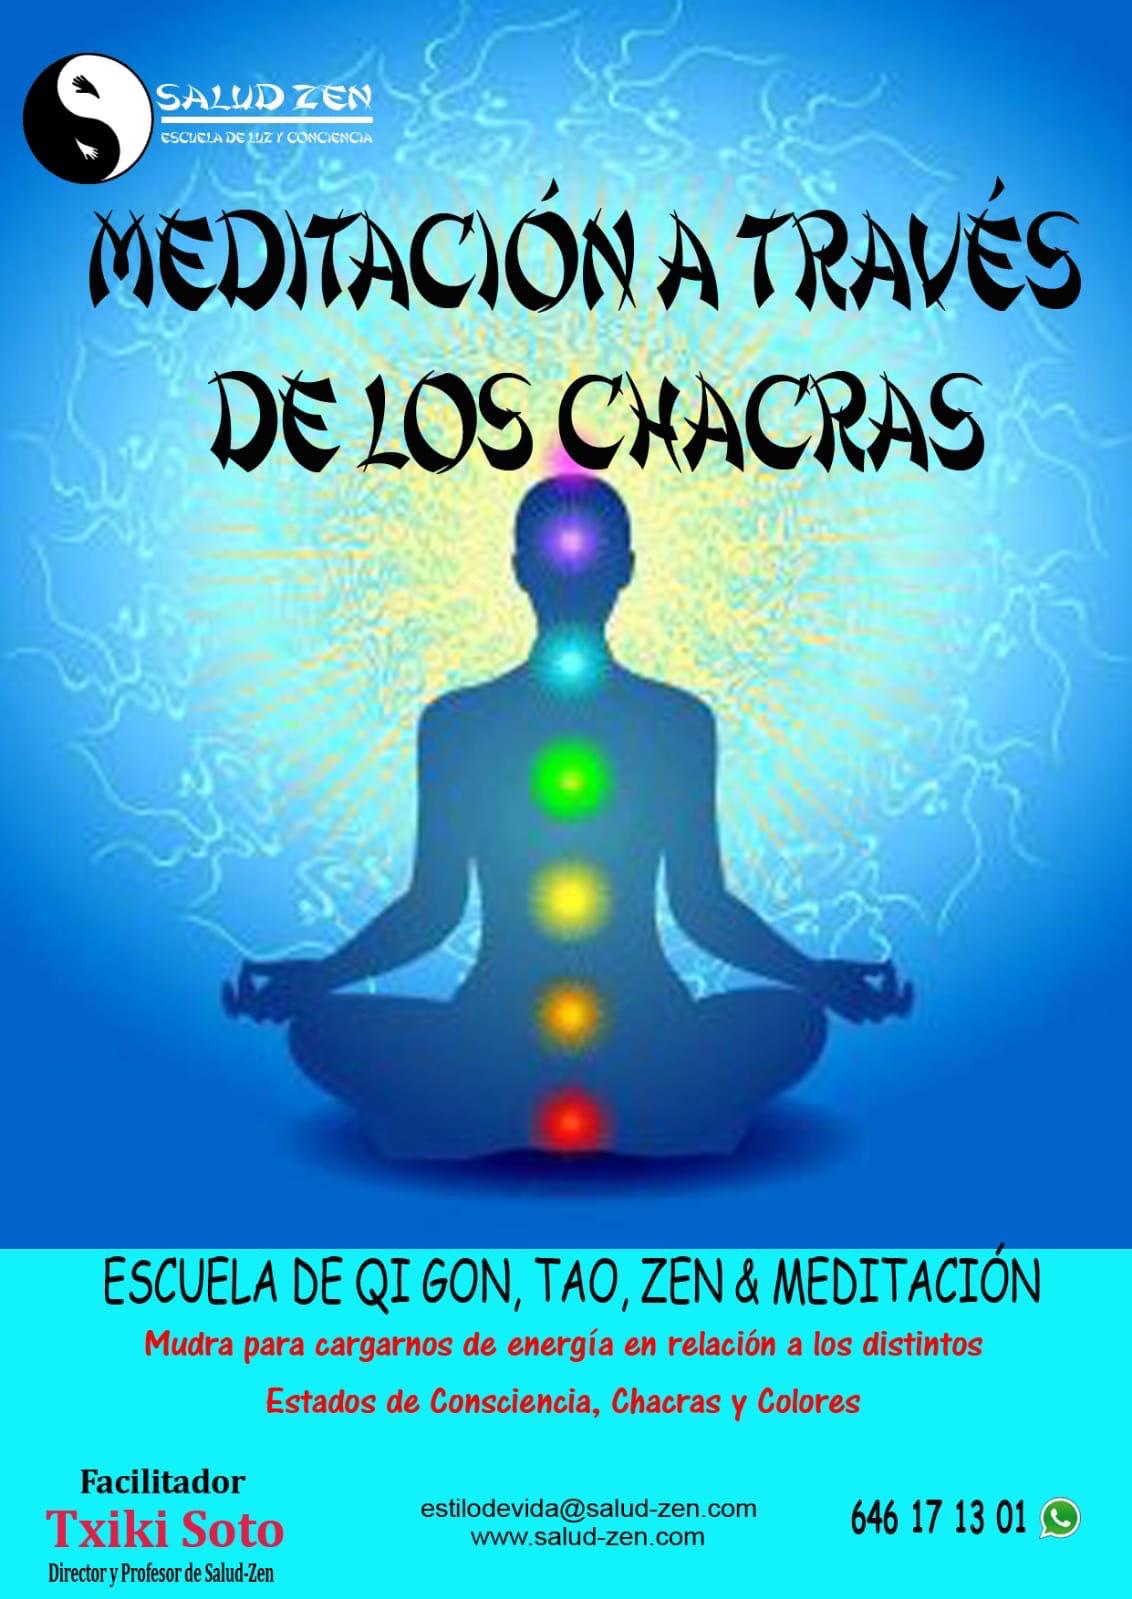 Meditación a través de los Chacras